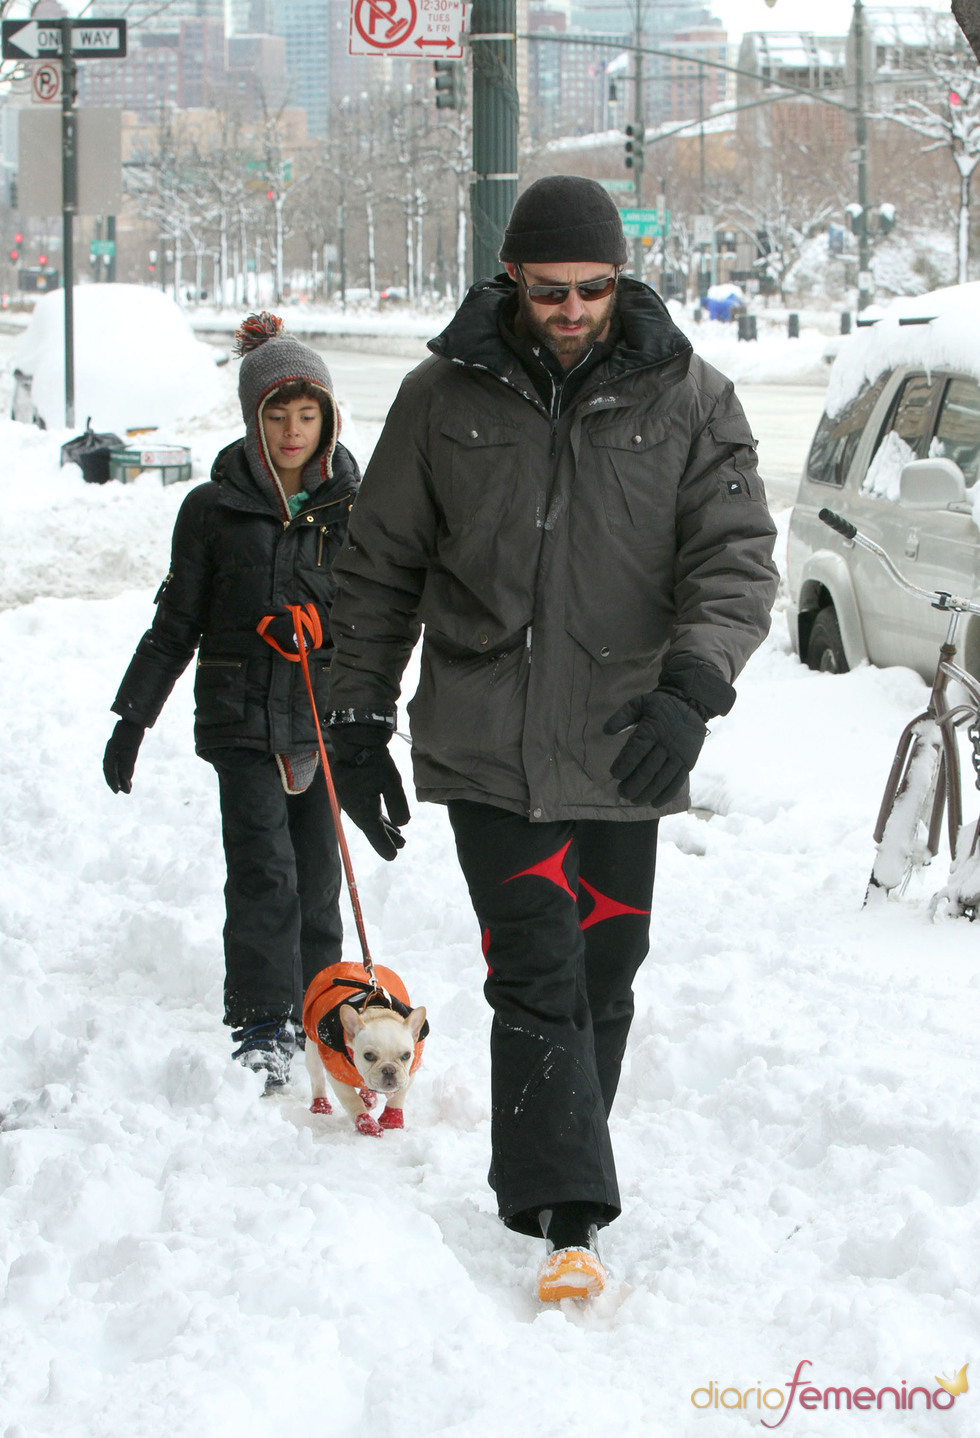 Hugh Jackman saca su lado más divertido jugando con la nieve